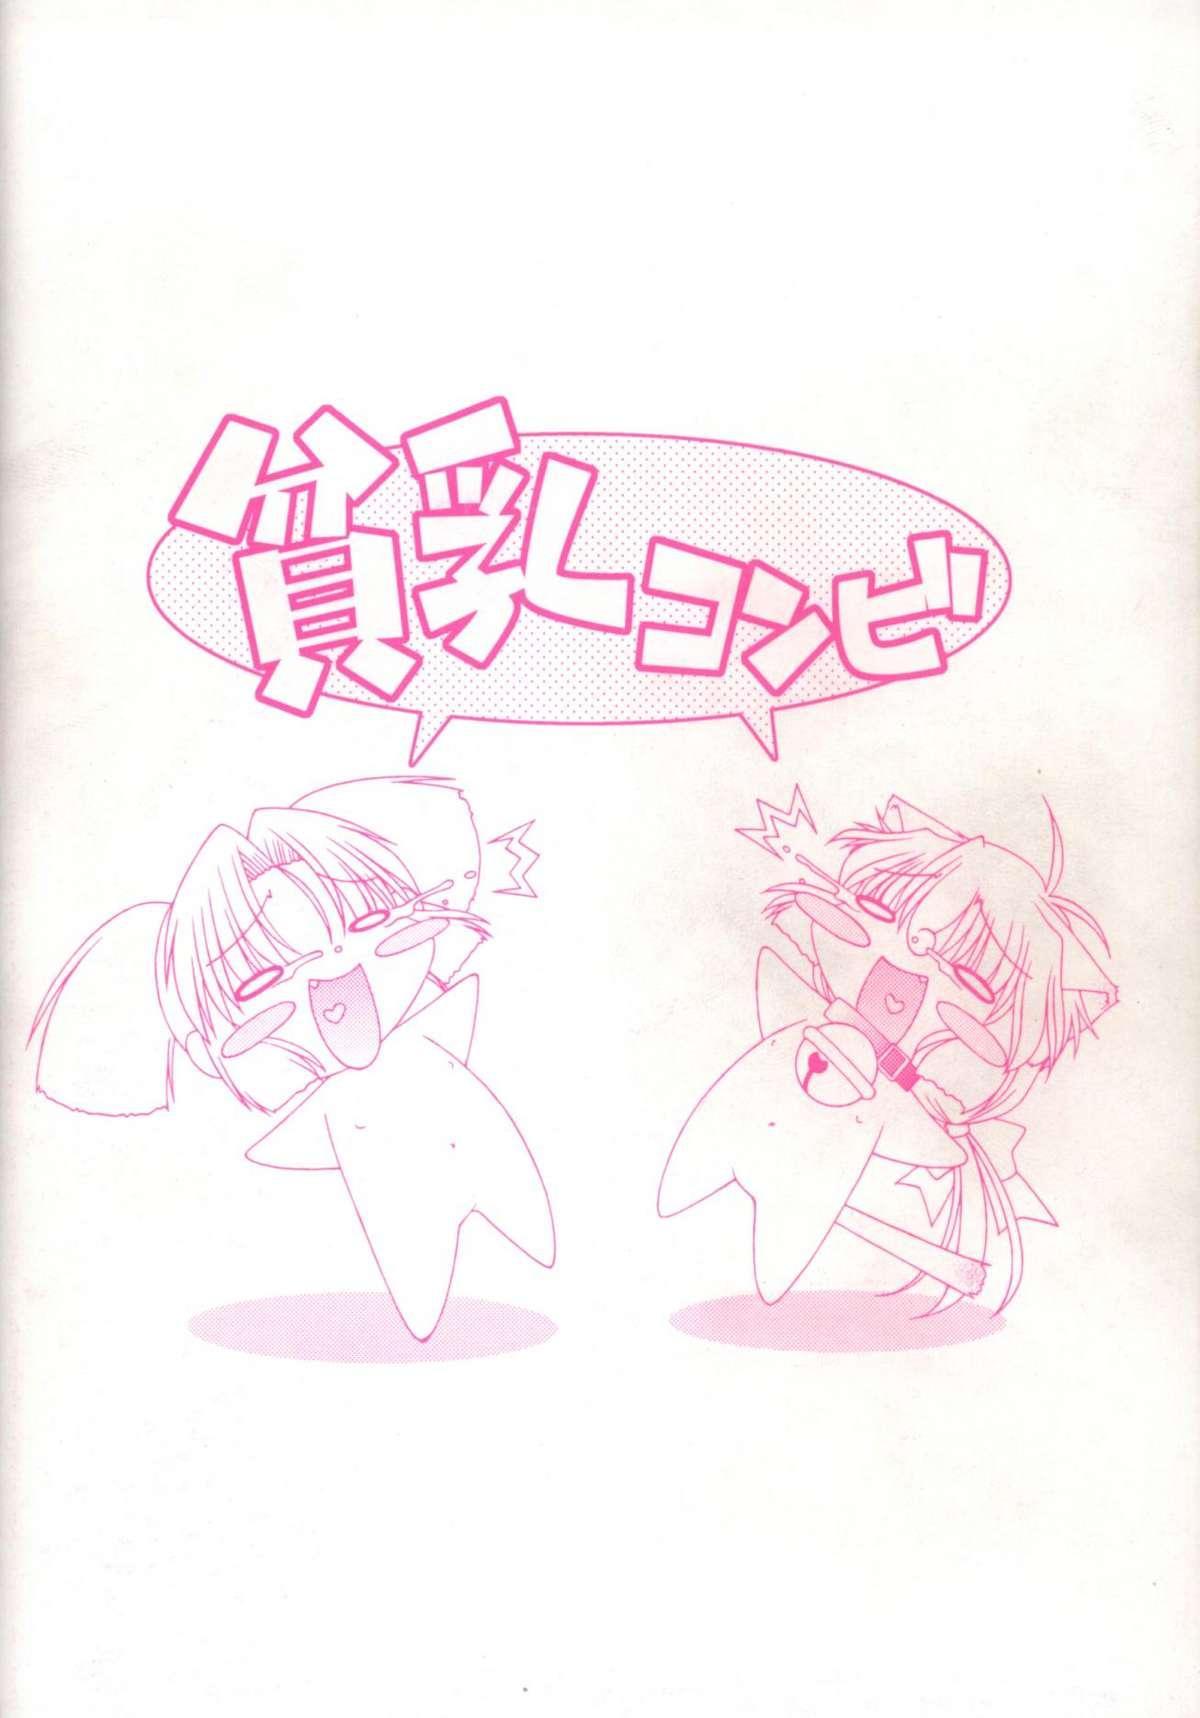 Hatsujou ♡ Oneesama 195